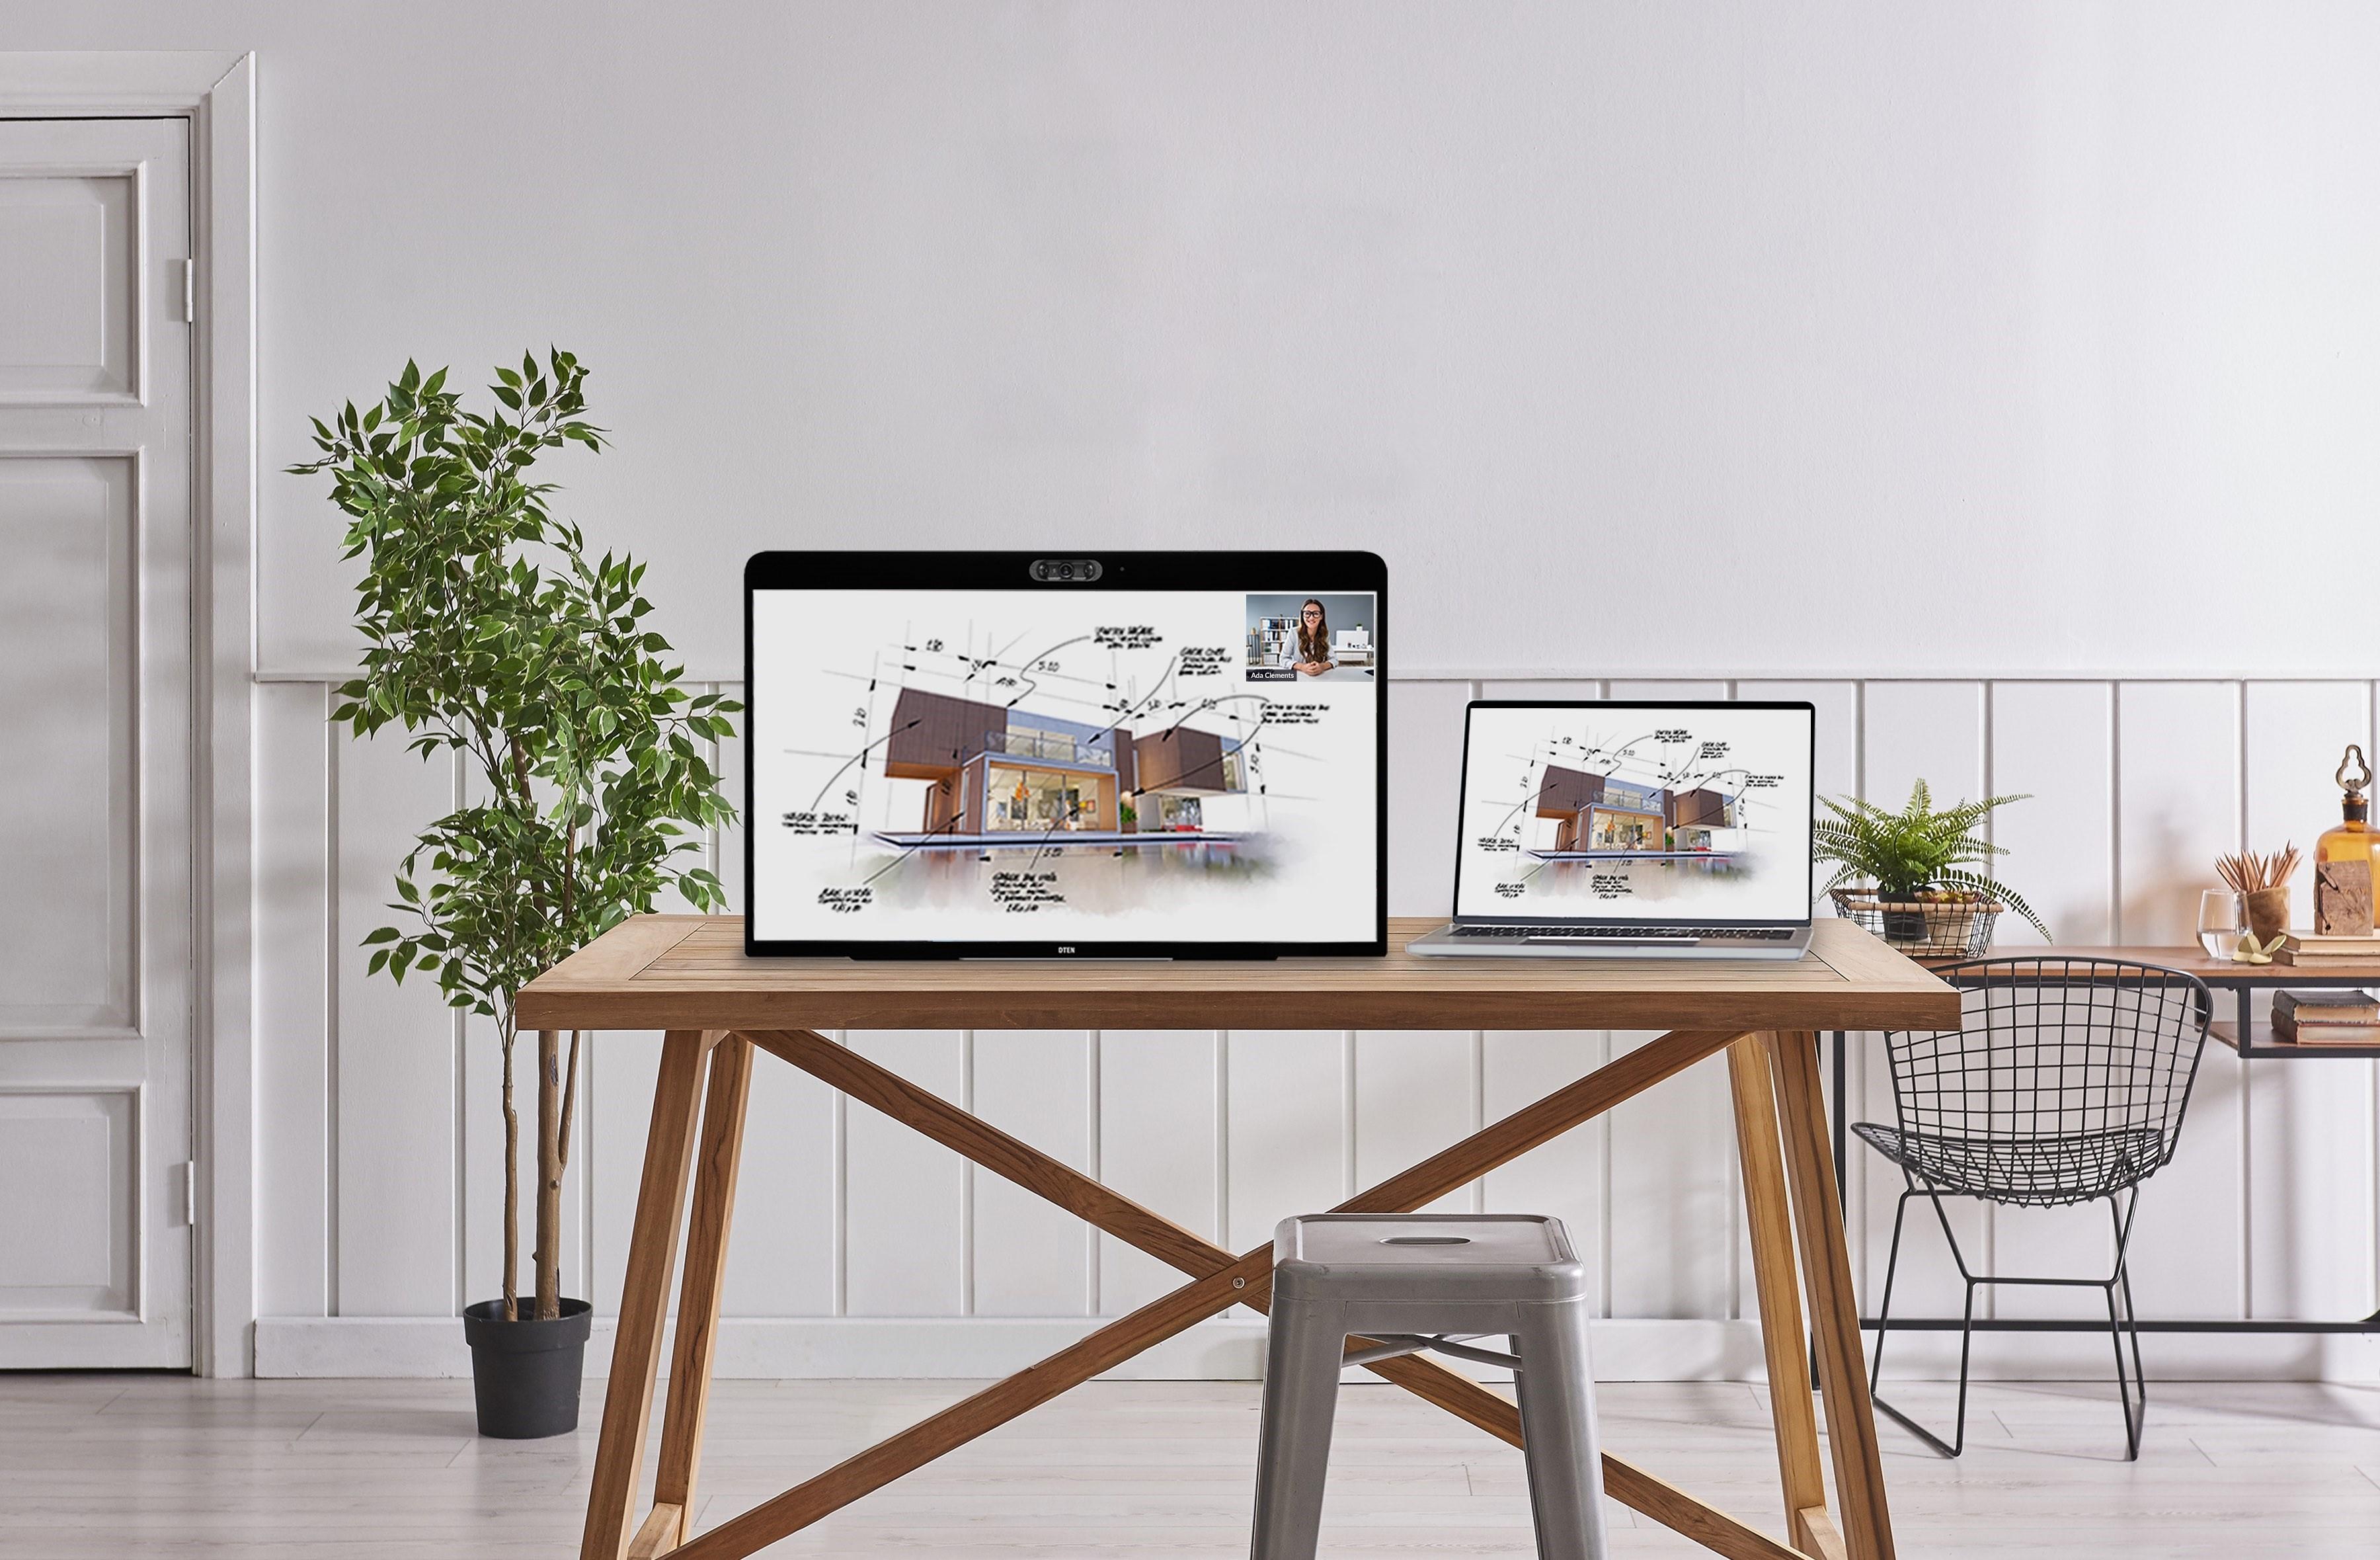 Zoom lanza pantalla con cámaras dirigida al 'home office'